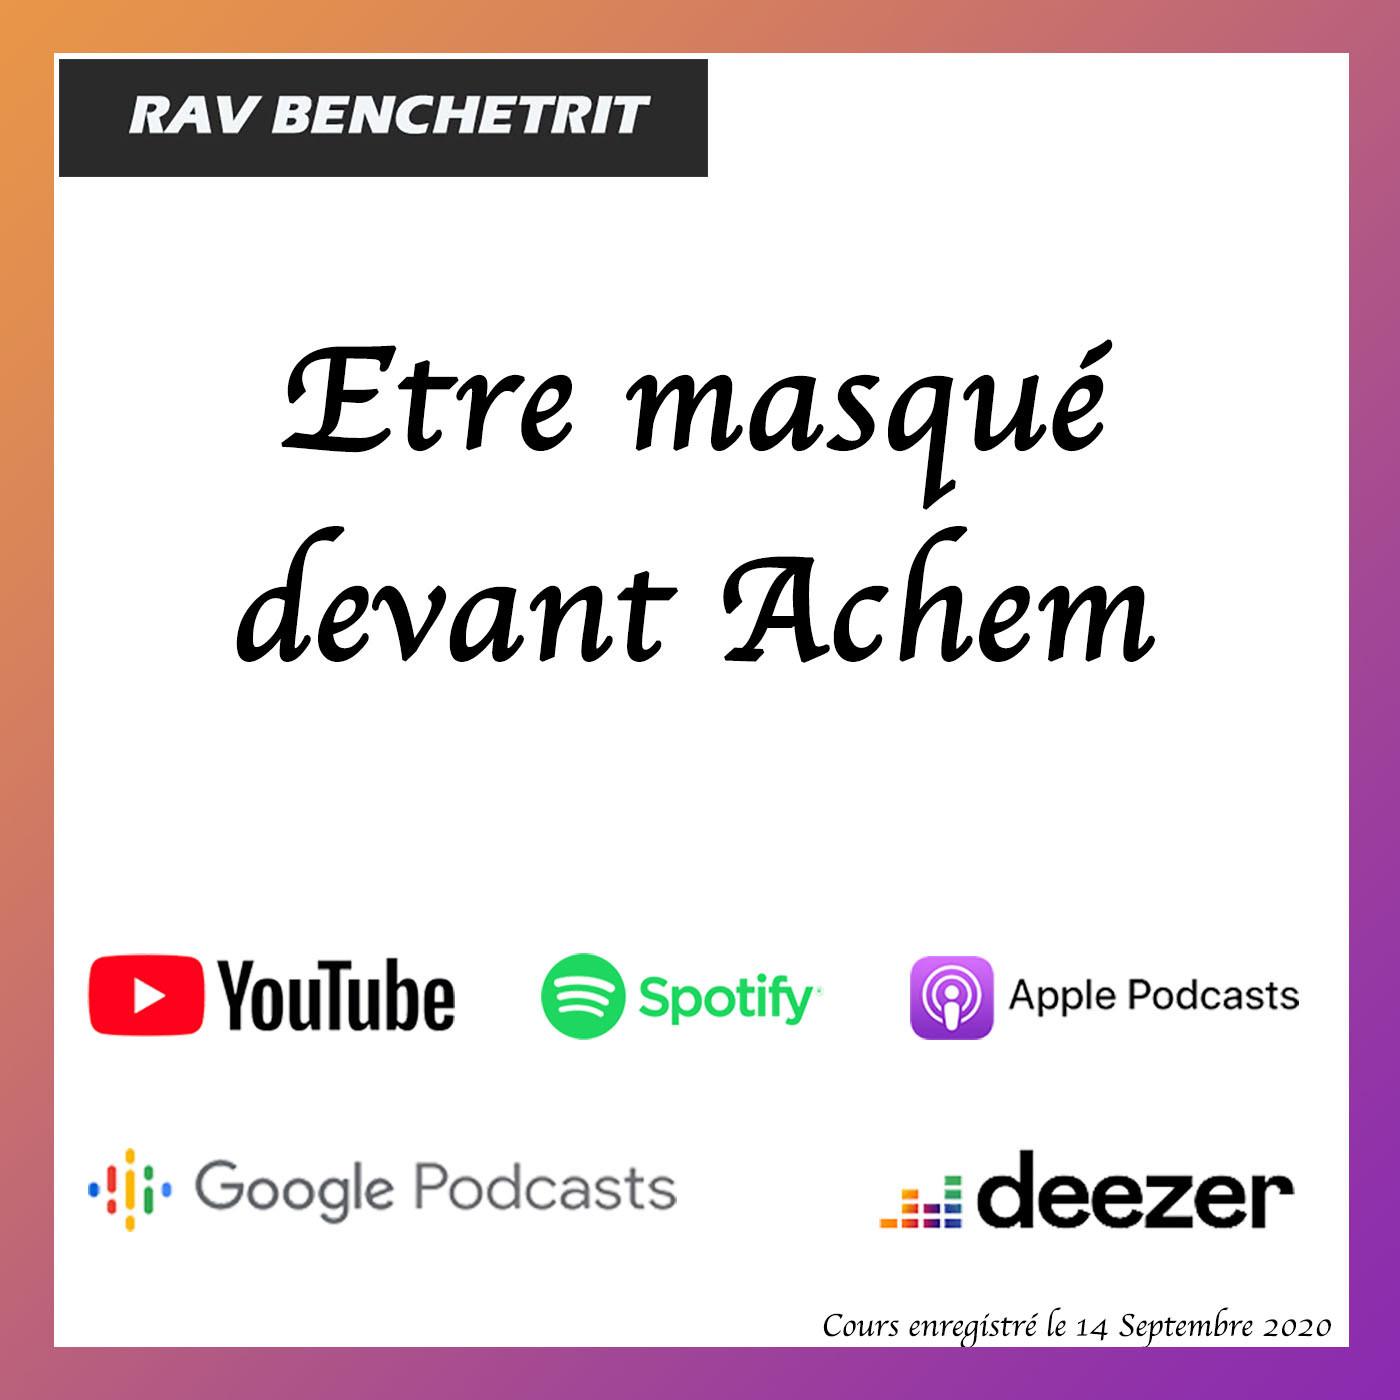 Etre masqué devant Achem